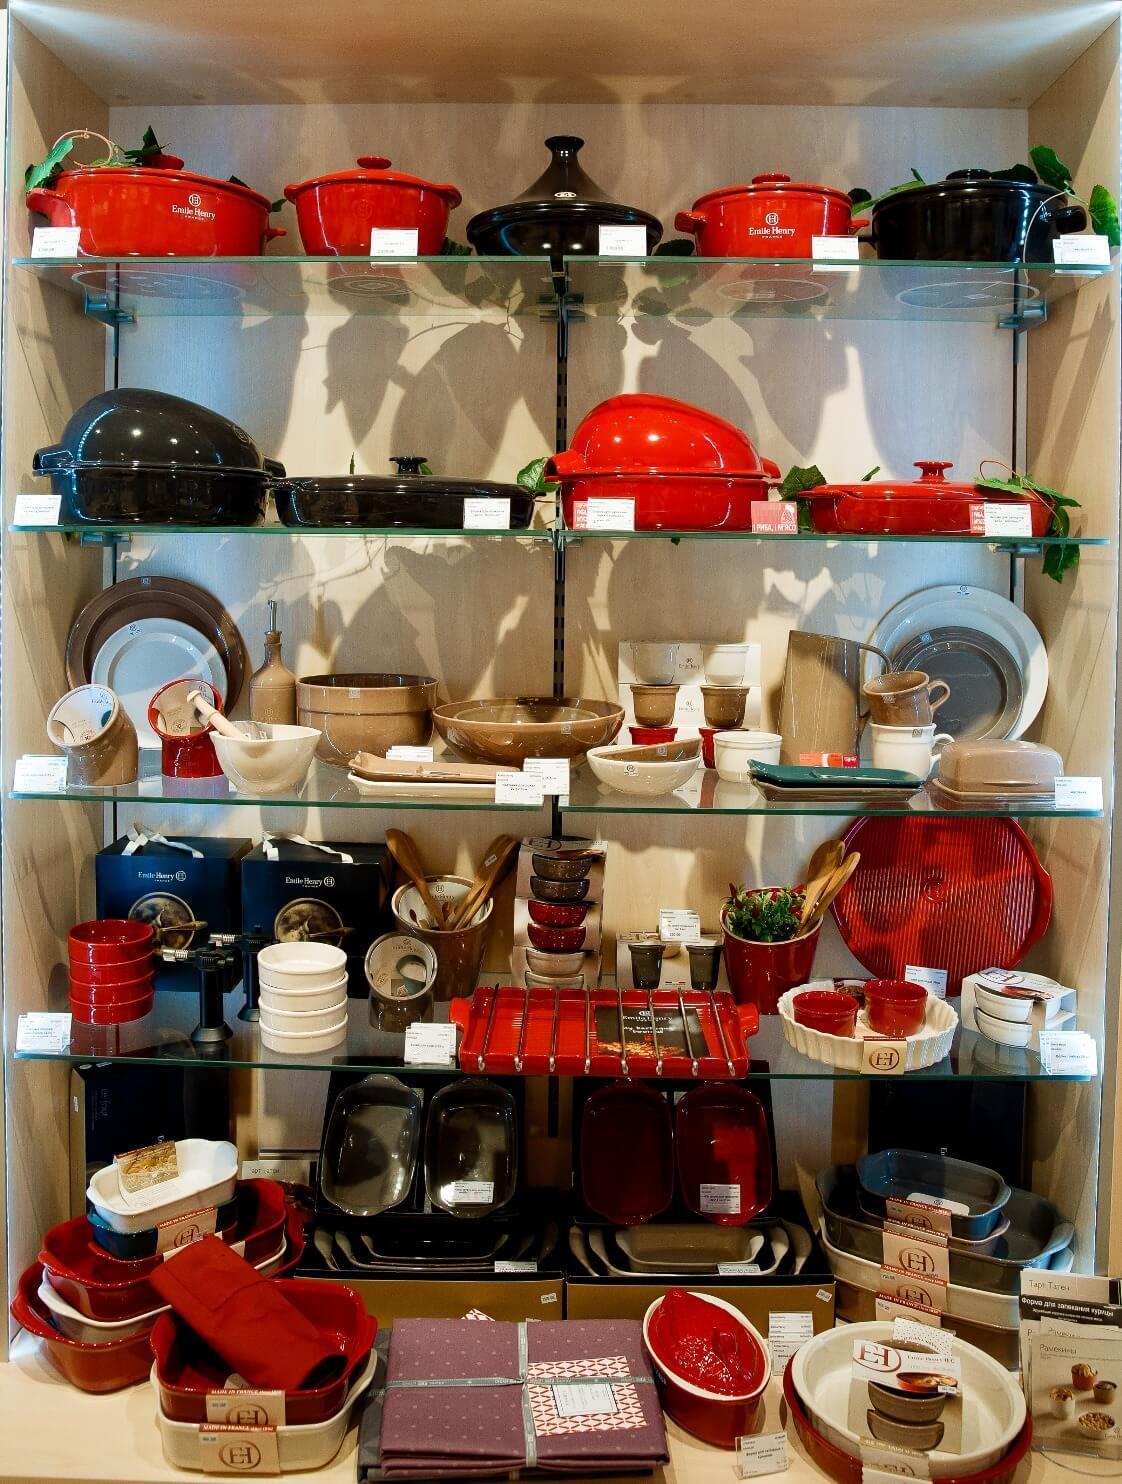 Салатник керамический Emile Henry Tableware, 22 см, коричневый Emile Henry 962122 фото 2